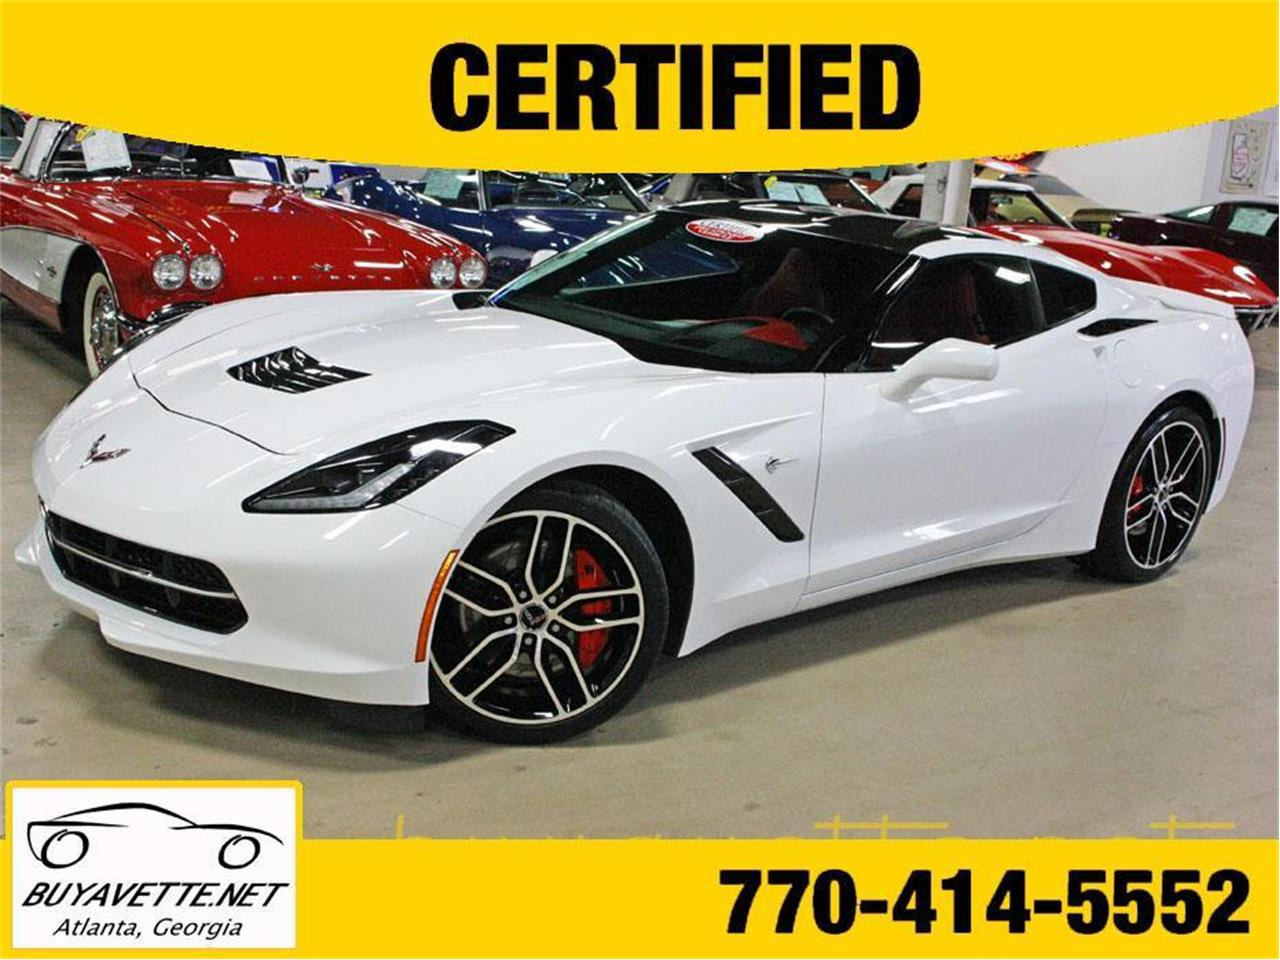 Large Picture of '15 Chevrolet Corvette - $47,999.00 - LE80